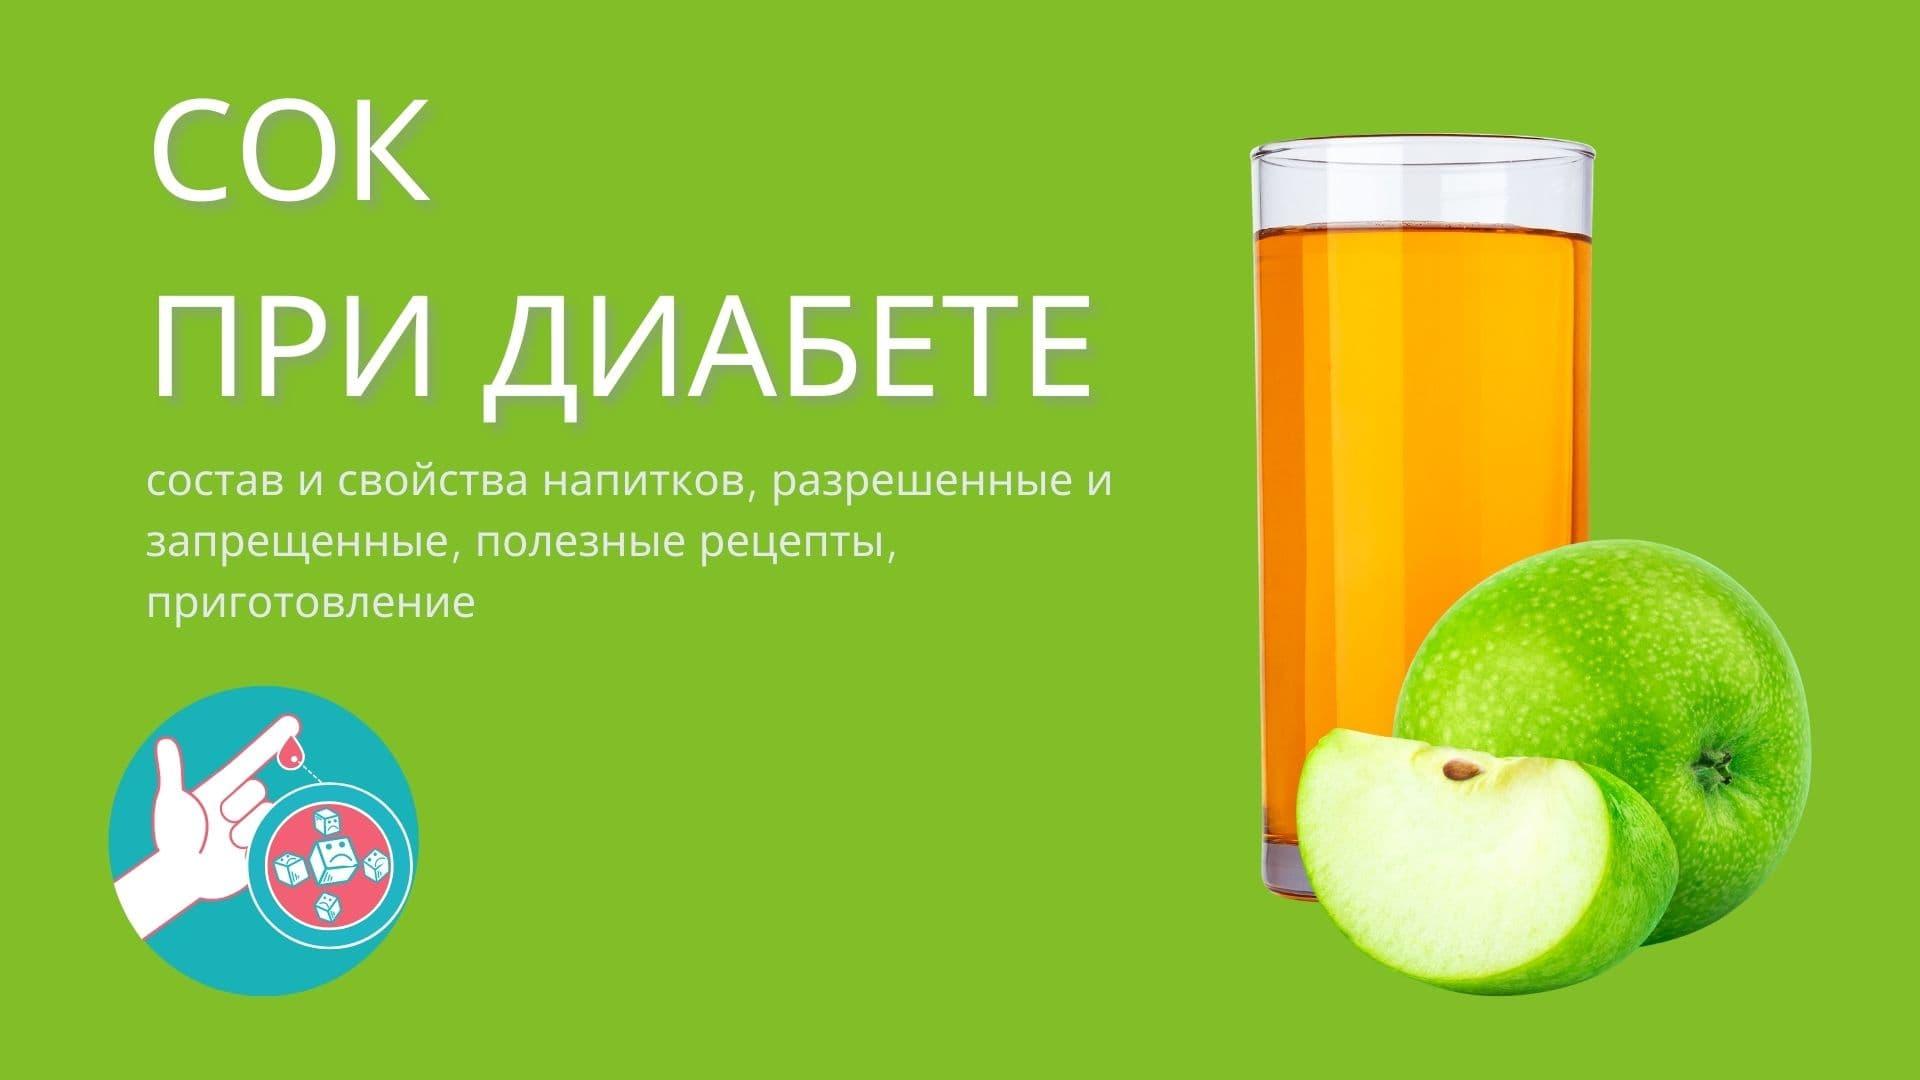 Сок при диабете: состав и свойства напитков, разрешенные и запрещенные, полезные рецепты, приготовление